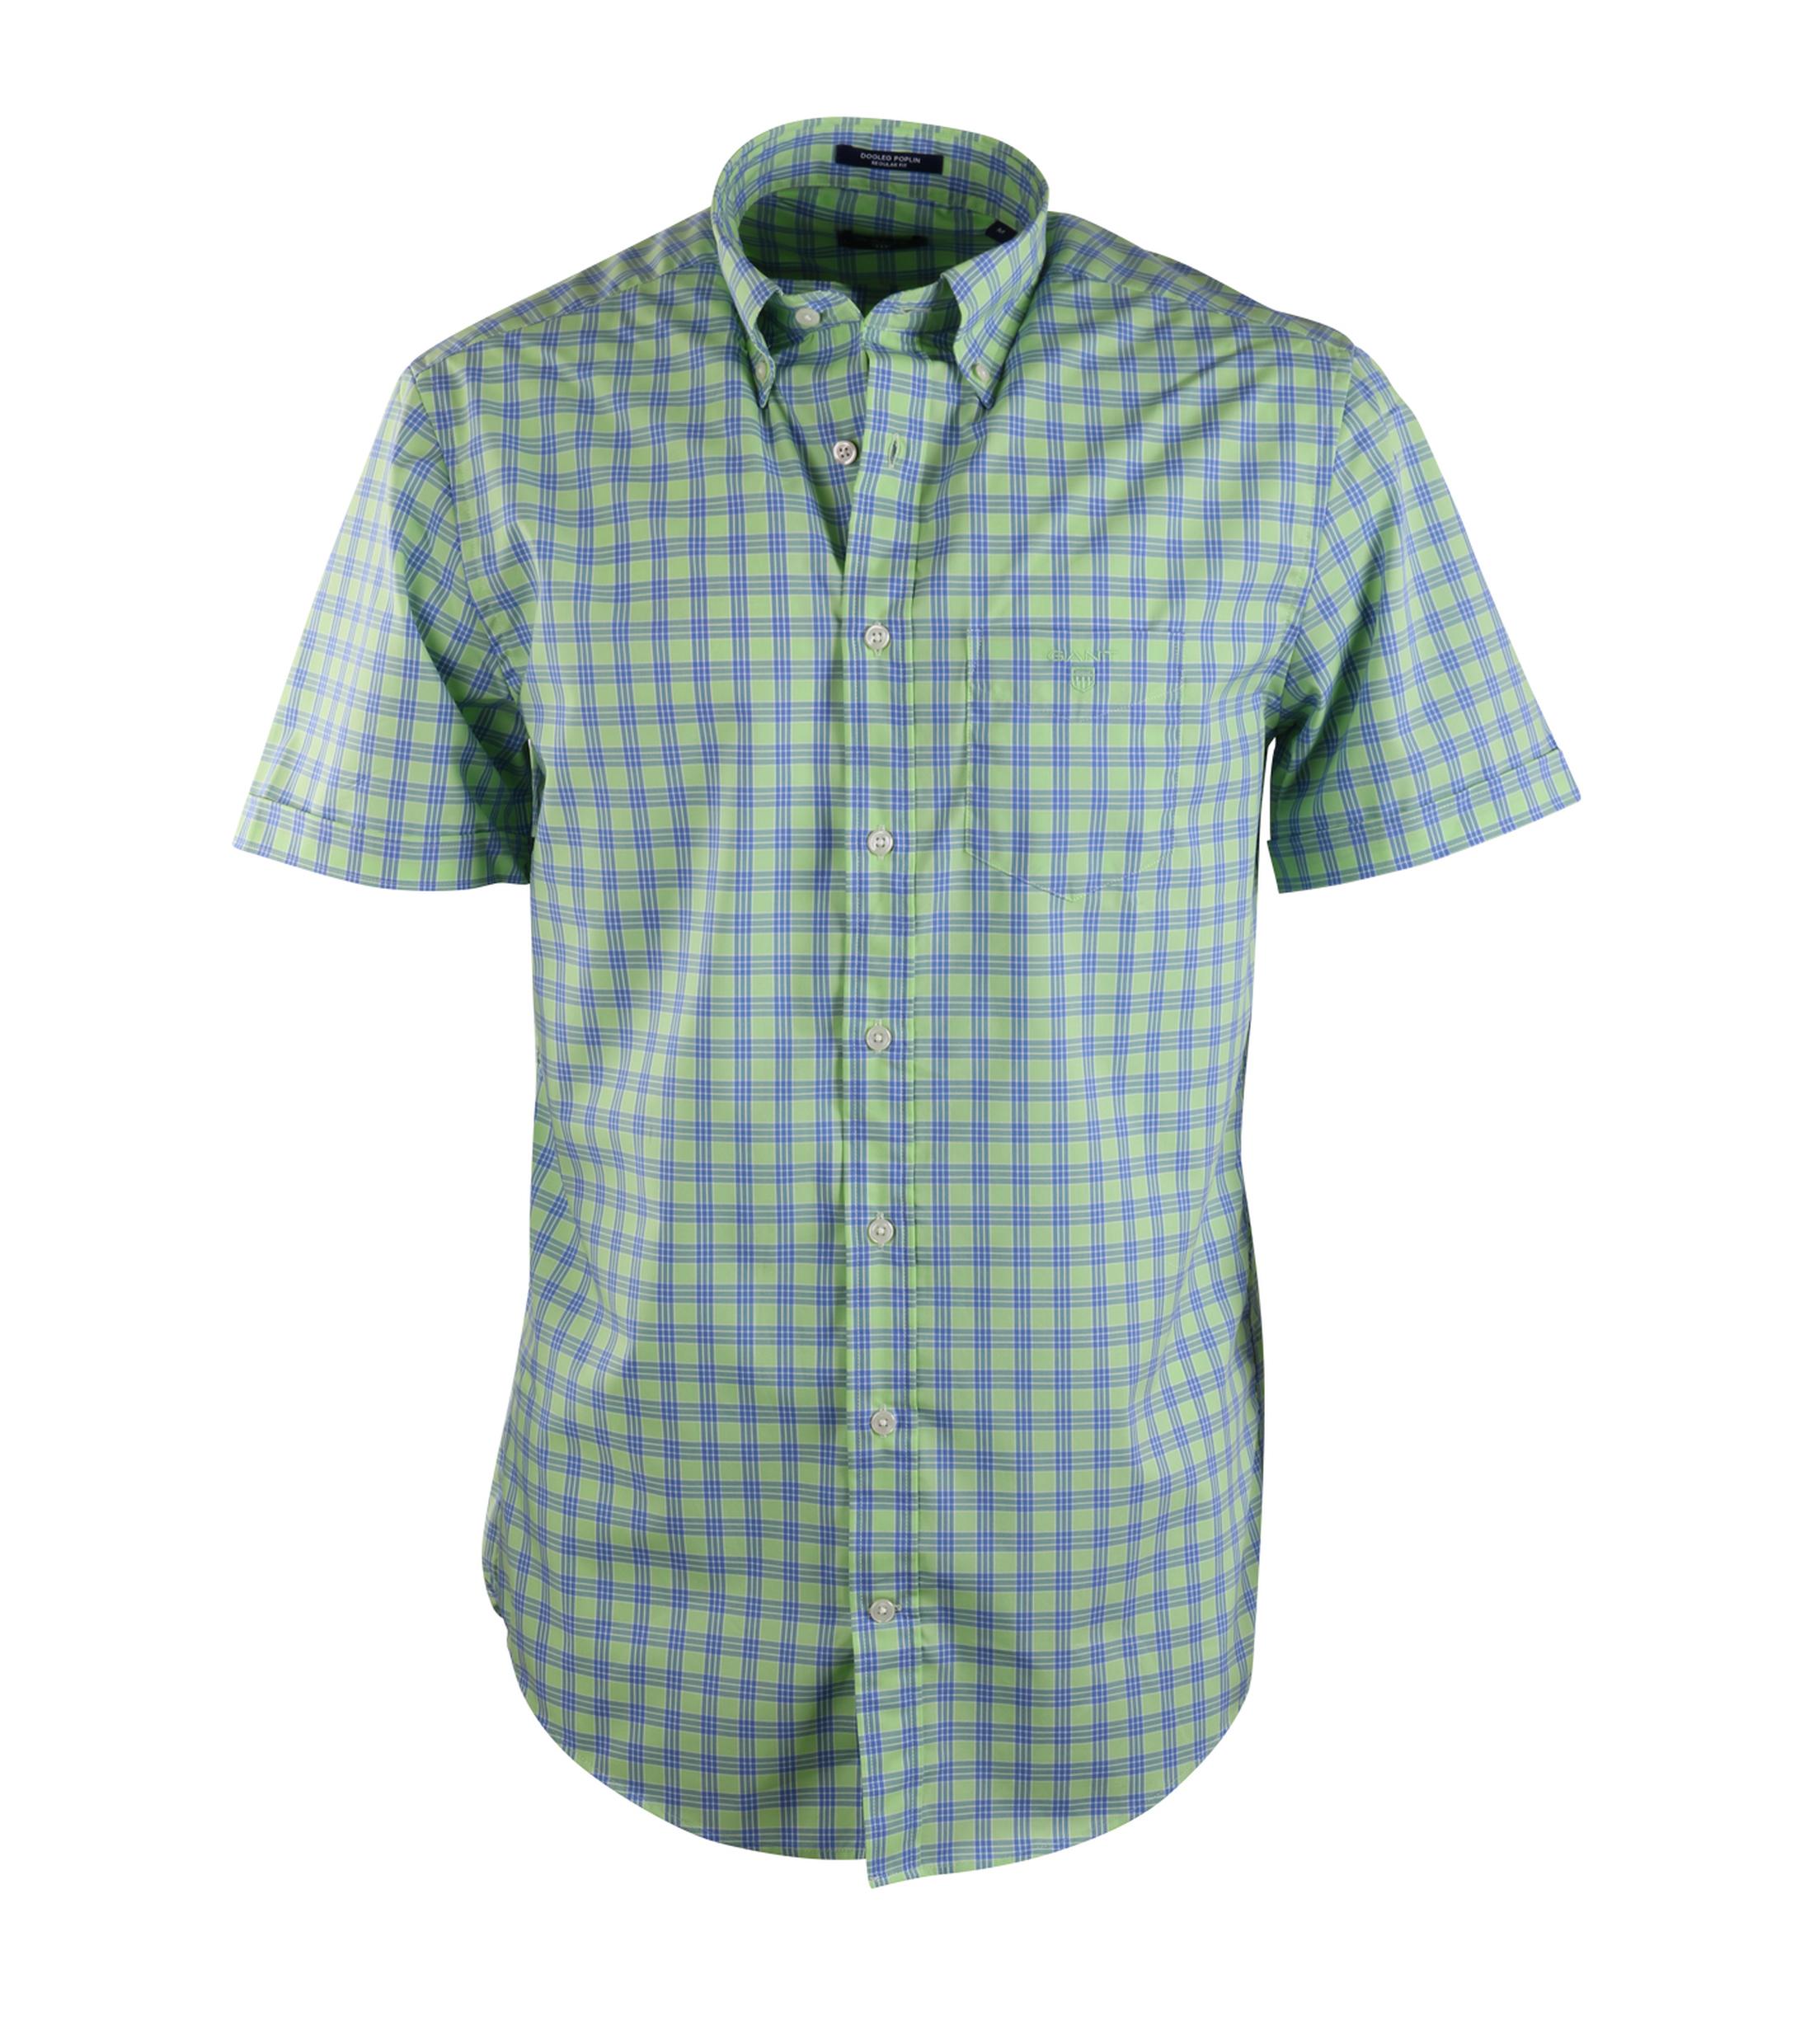 Gant overhemd green check for Designhotel maastricht comfort xl